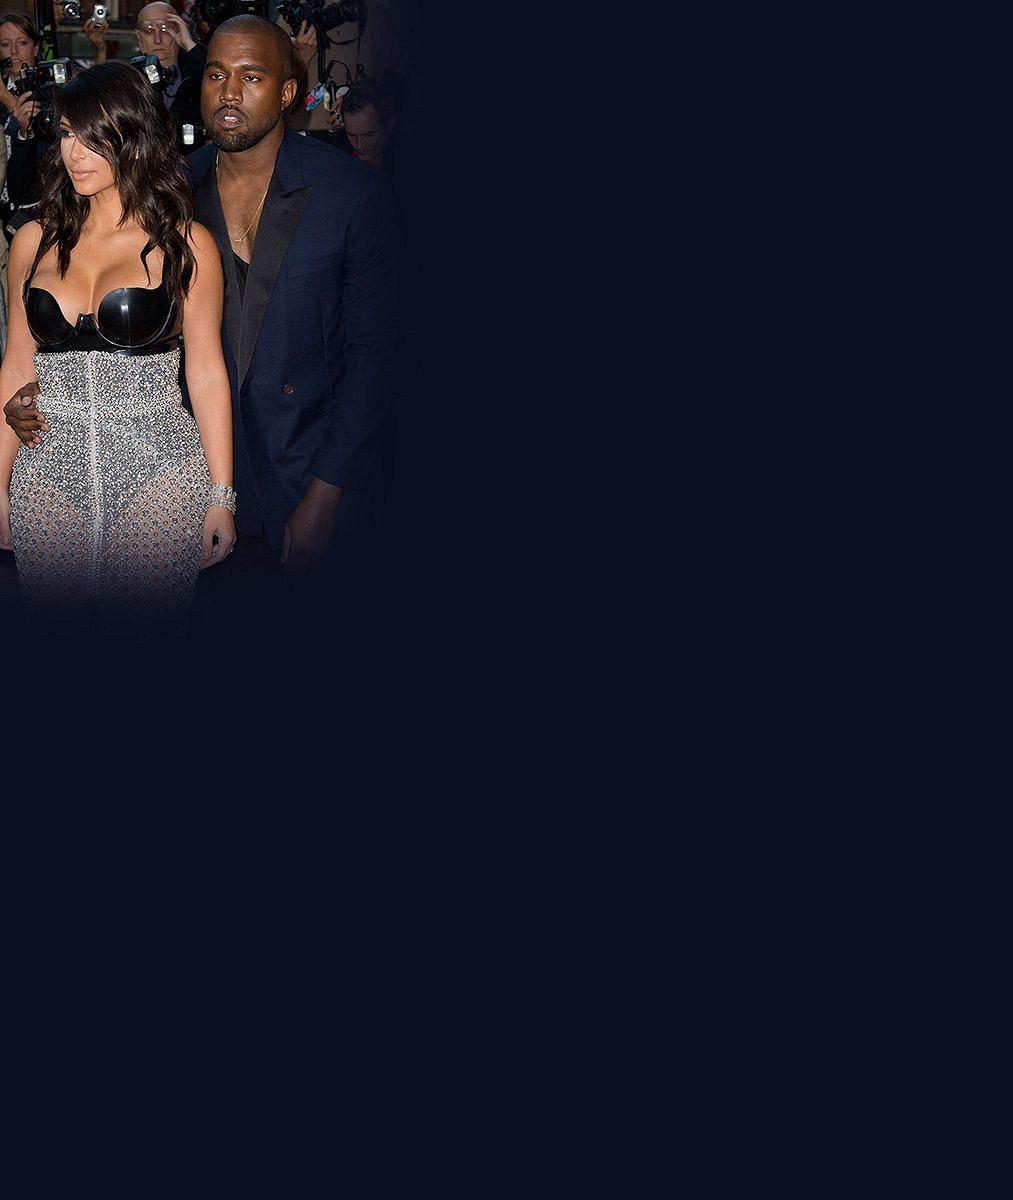 Rup: Úzká sukně nevydržela nápor macaté zadnice Kim Kardashian